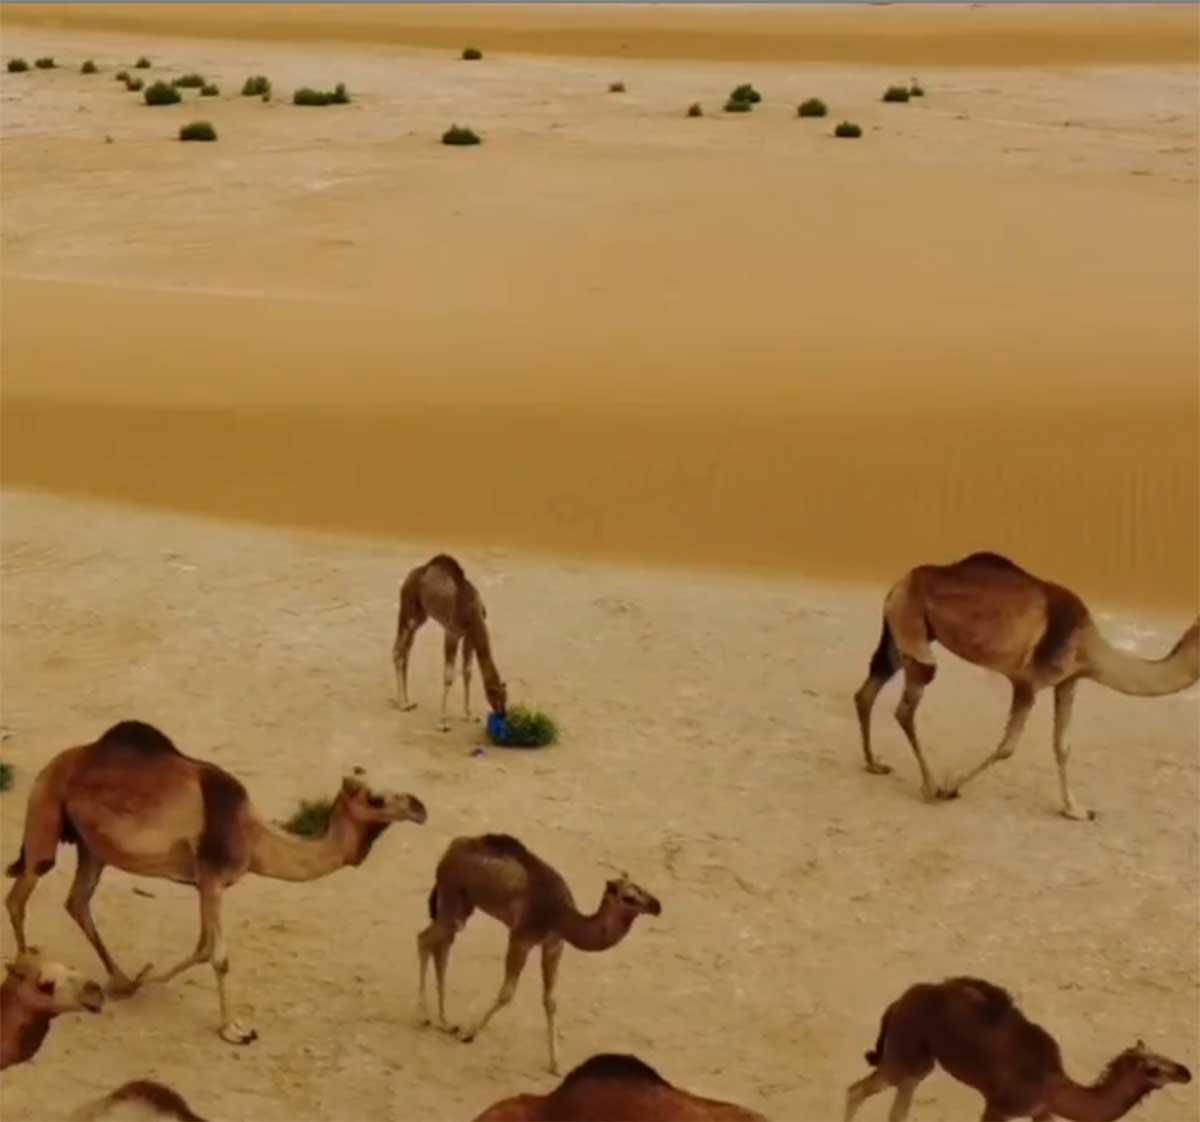 Captan el momento en el que un bebé camello come una bolsa en el desierto